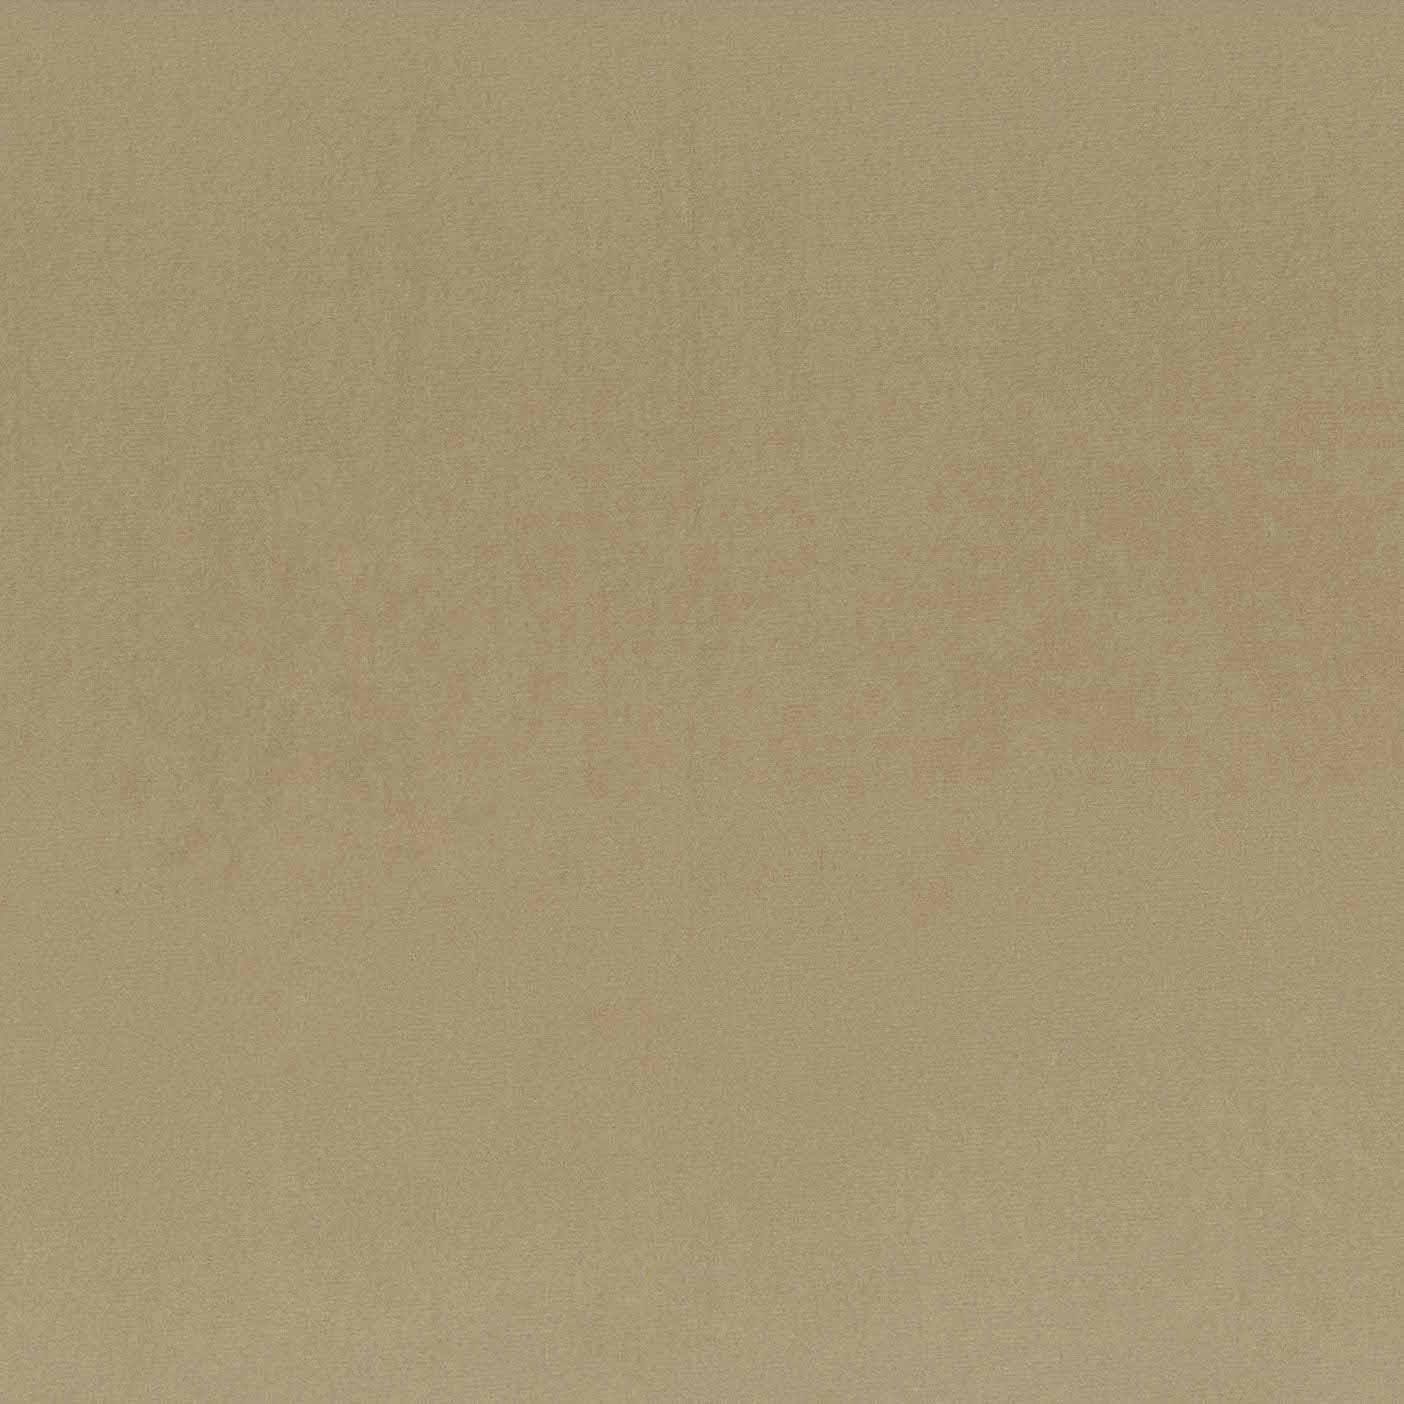 EXCL. Lario beige